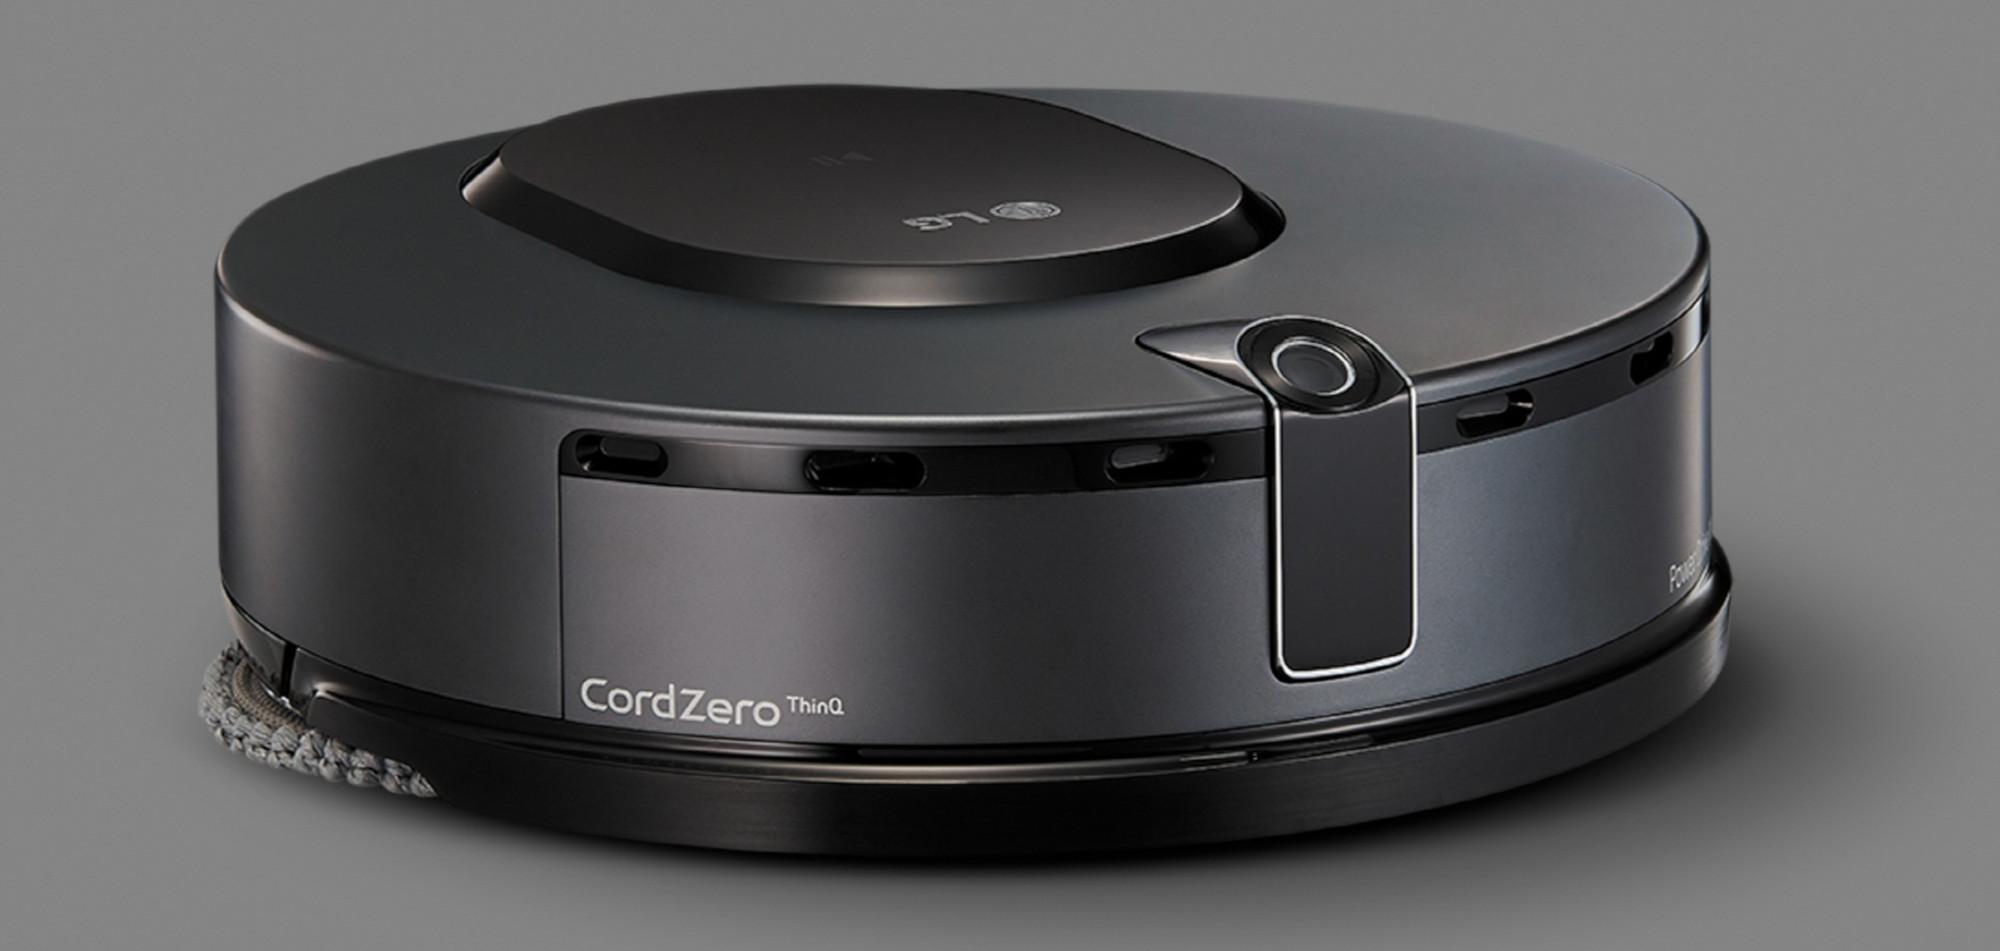 Wischroboter LG CordZero M9